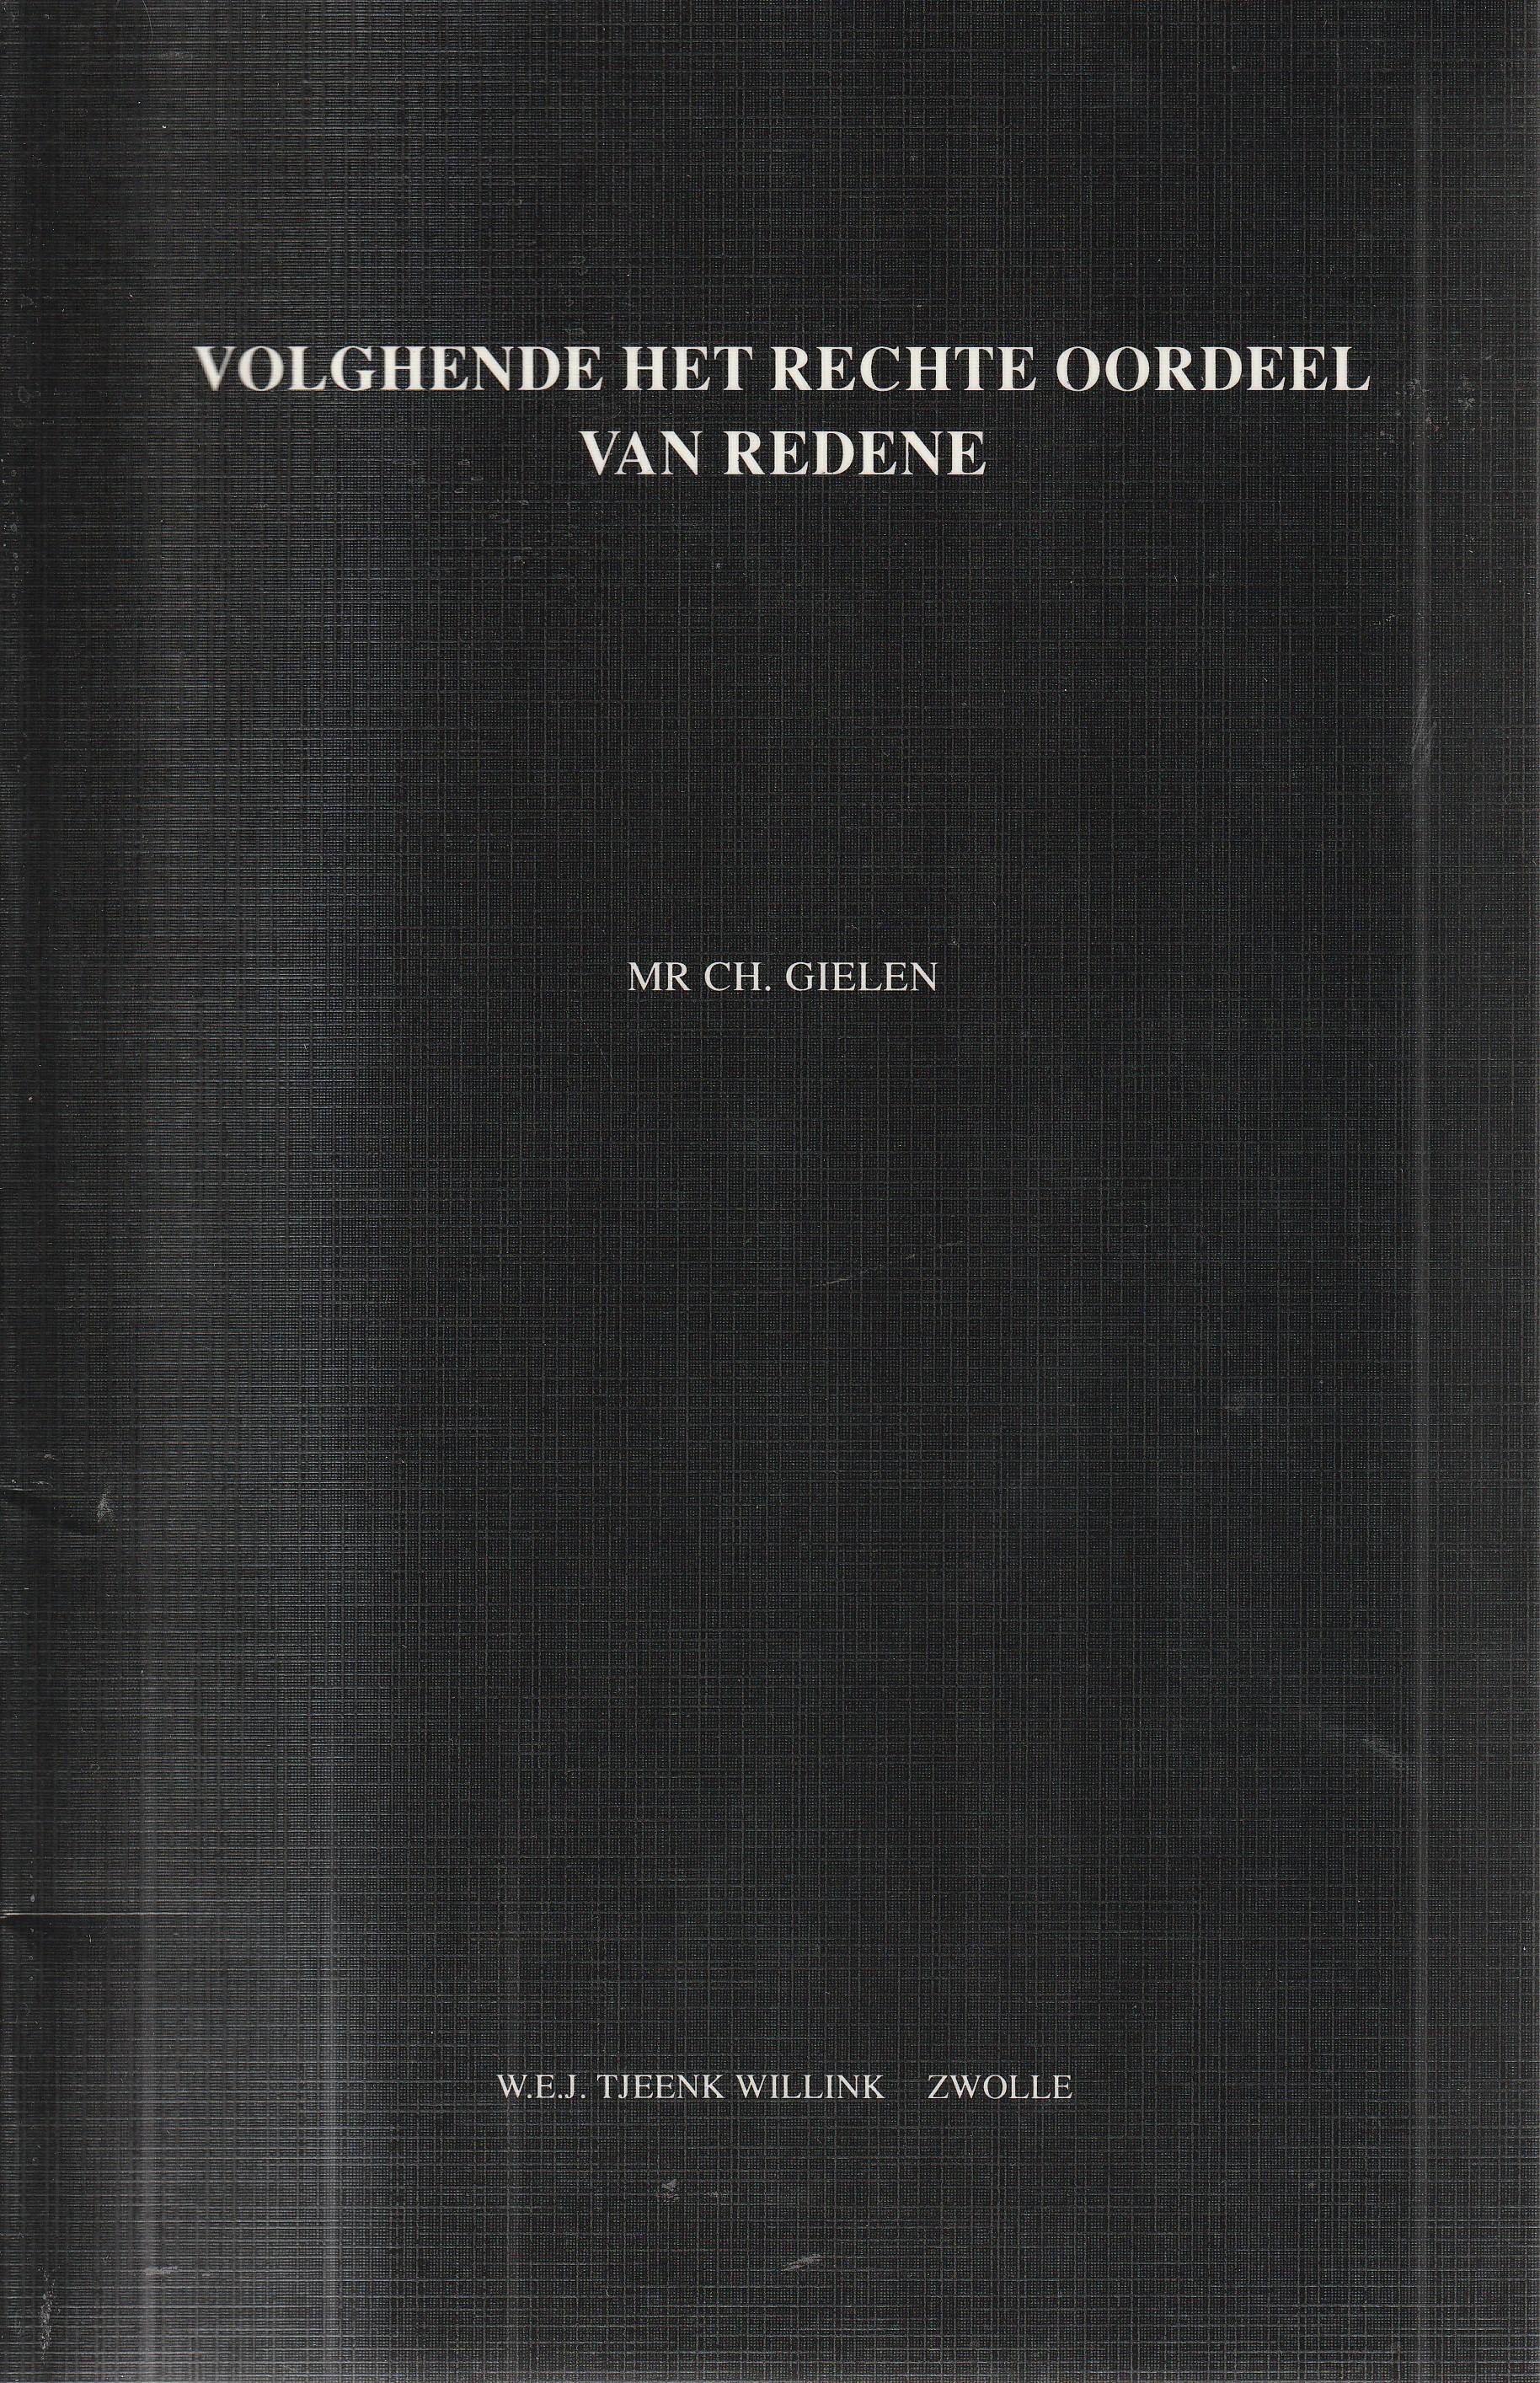 Volghende het rechte oordeel van redene - Rede 1993